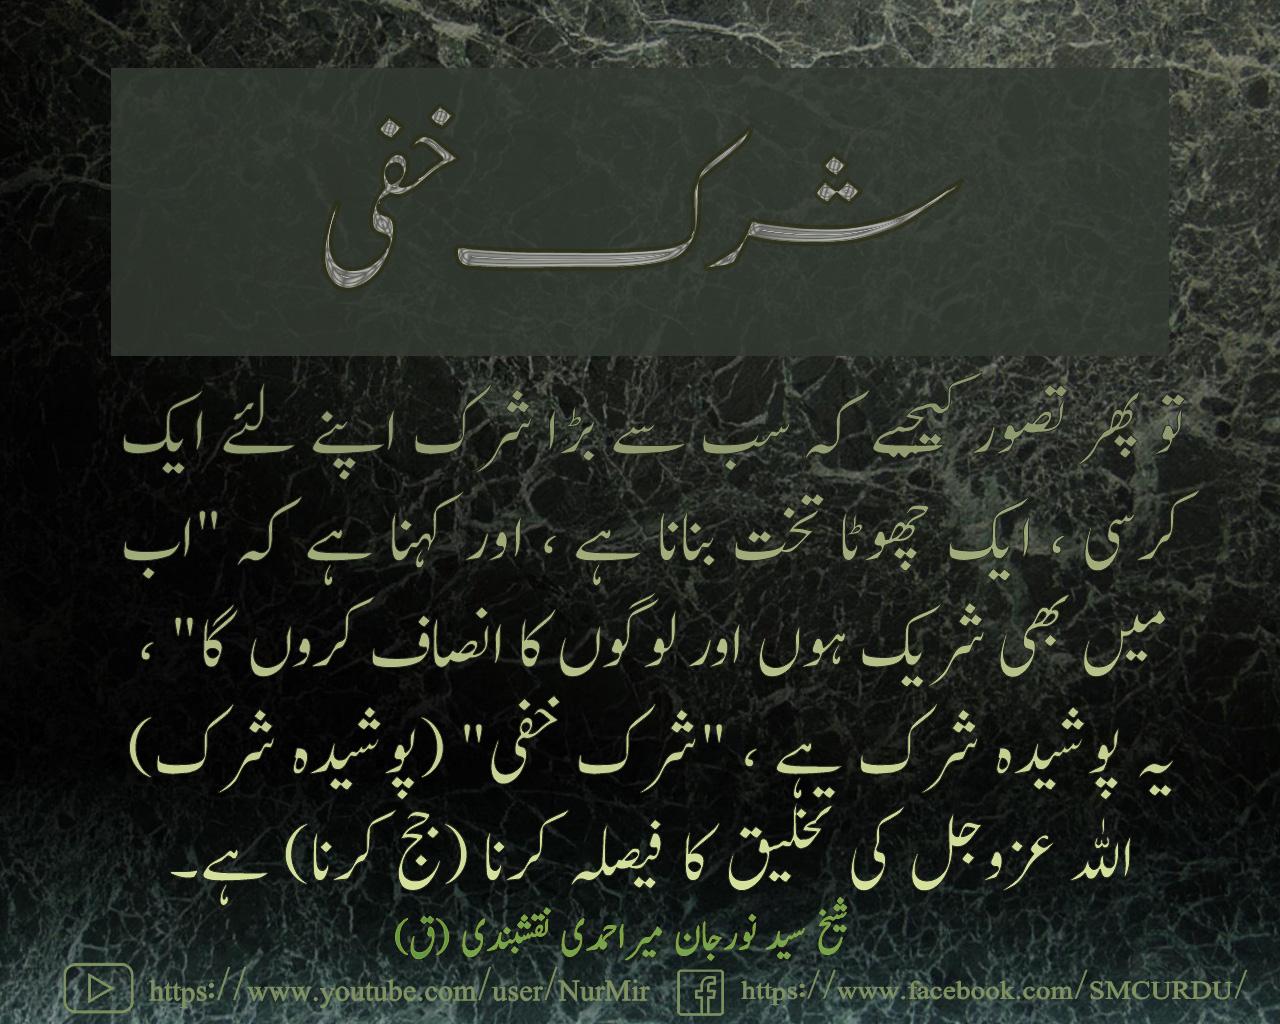 پرکھ (judgement) صرف اللہ عزوجل کر سکتاہے۔ پوشیدہ شرک اور اللہ عزوجل کی تخلیق کو...